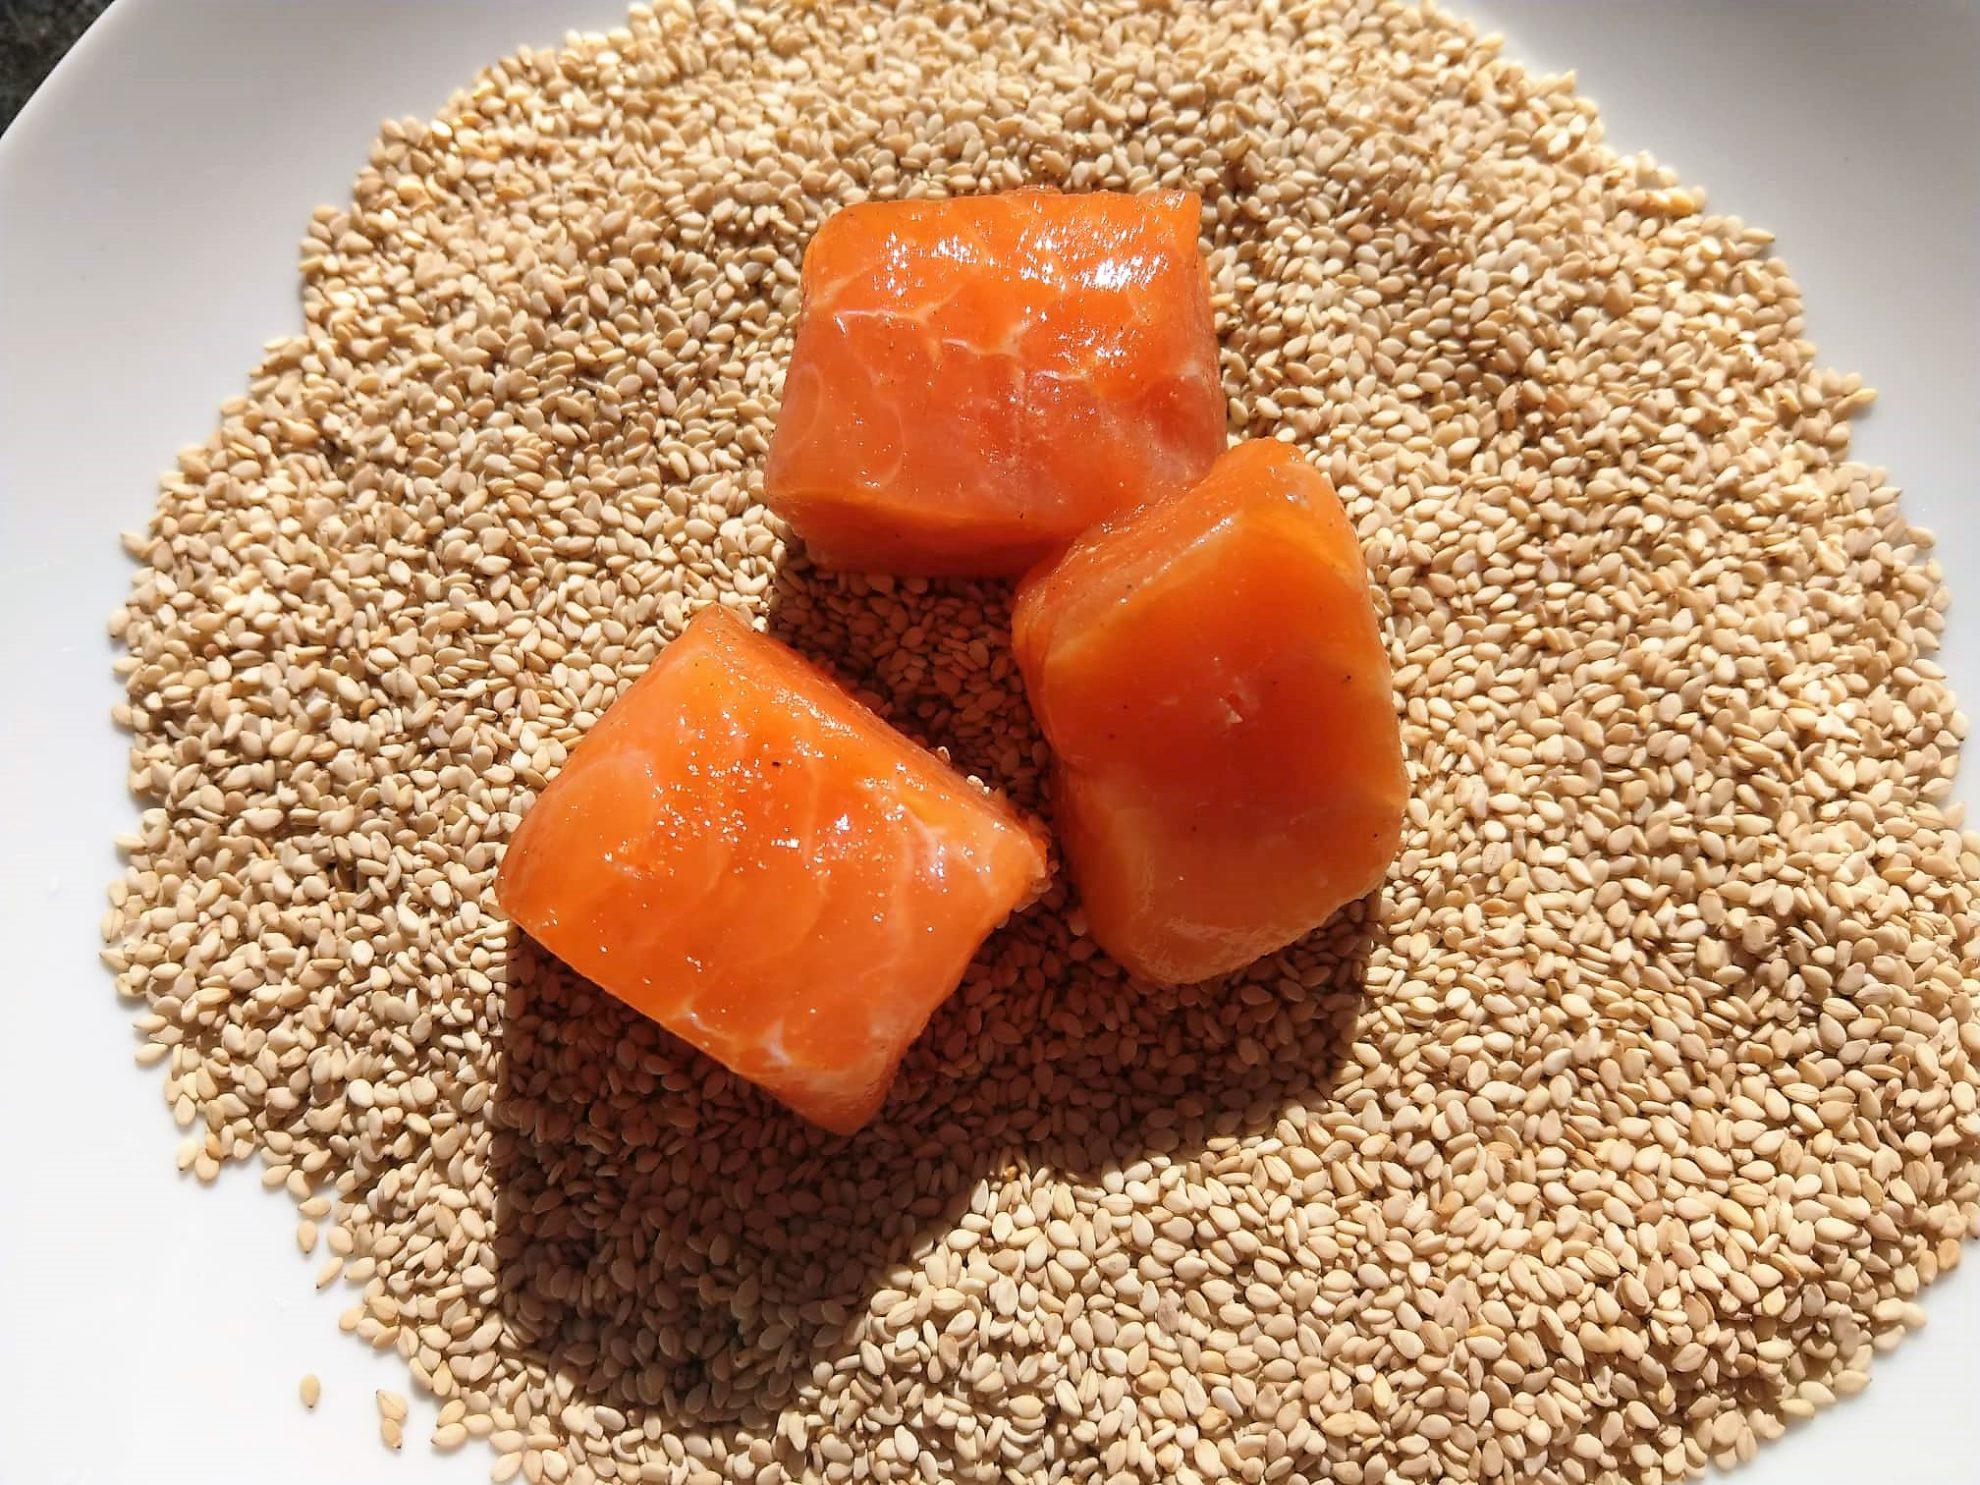 Ein simples Rezept für Lachs in Sesamkruste, denn Lachs hat viele gesundheitliche Effekte, wie Omega-3-Fettsäuren, die sich positiv auf den Körper auswirken.